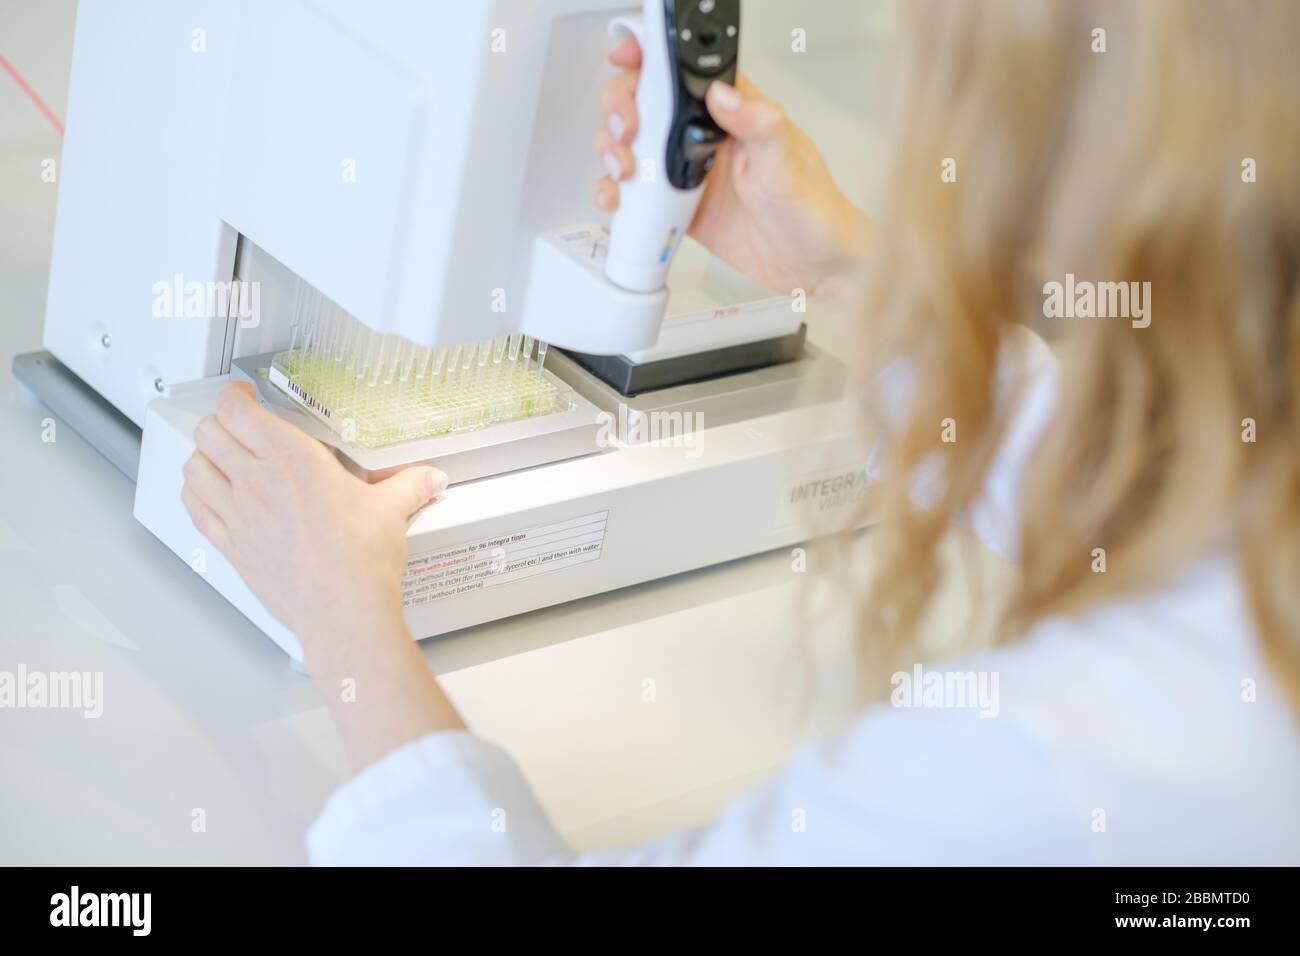 Brunswick, Deutschland. April 2020. Die Wissenschaftlerin Katharina Kleilein testet anhand einer Farbreaktion im Labor des Life-Science-Unternehmens Yumab, ob Antikörper auf einer Elisa-Platte an ein Antigen gebunden sind. Das Start-up-Unternehmen erforscht die Entwicklung von menschlichen Antikörpern und versucht so, Medikamente gegen Covid-19 zu entwickeln. Credit: OLE Spata / dpa / Alamy Live News Stockfoto